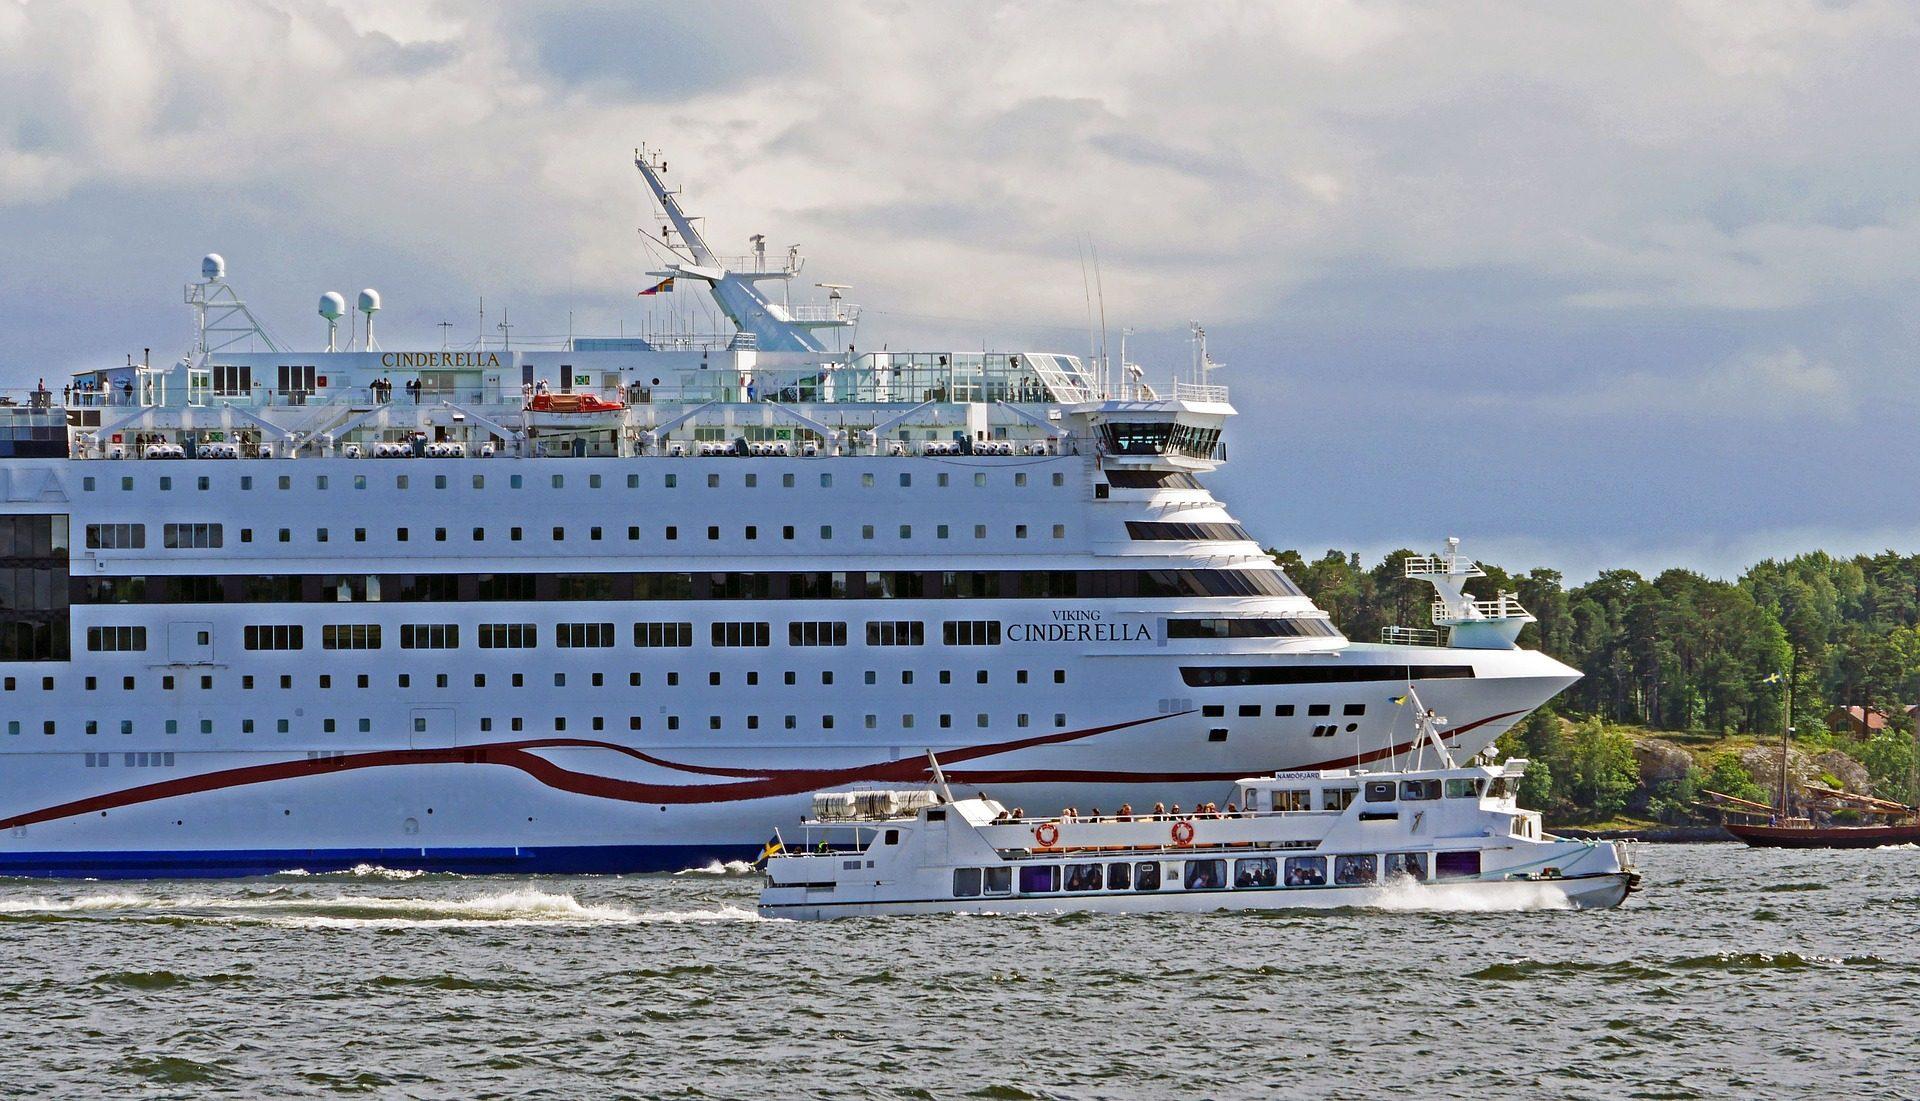 crucero, buque, ferry, vacaciones, mar - Fondos de Pantalla HD - professor-falken.com